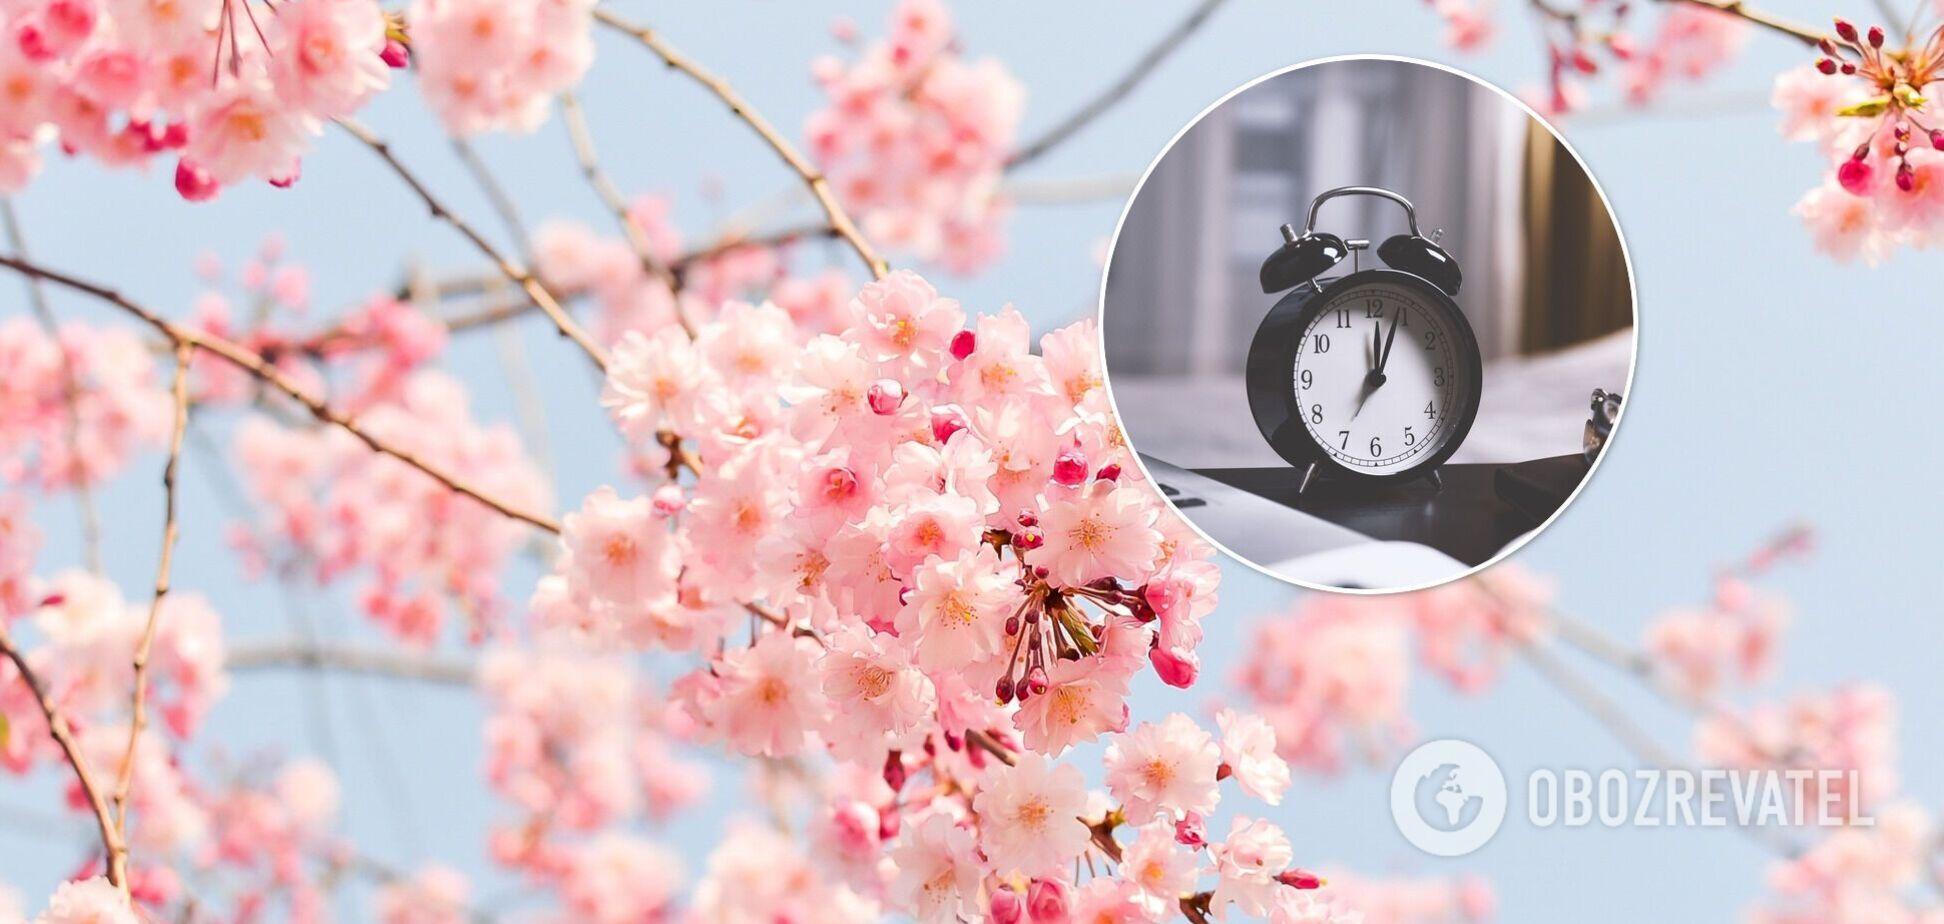 28 березня Україна перейшла на літній час